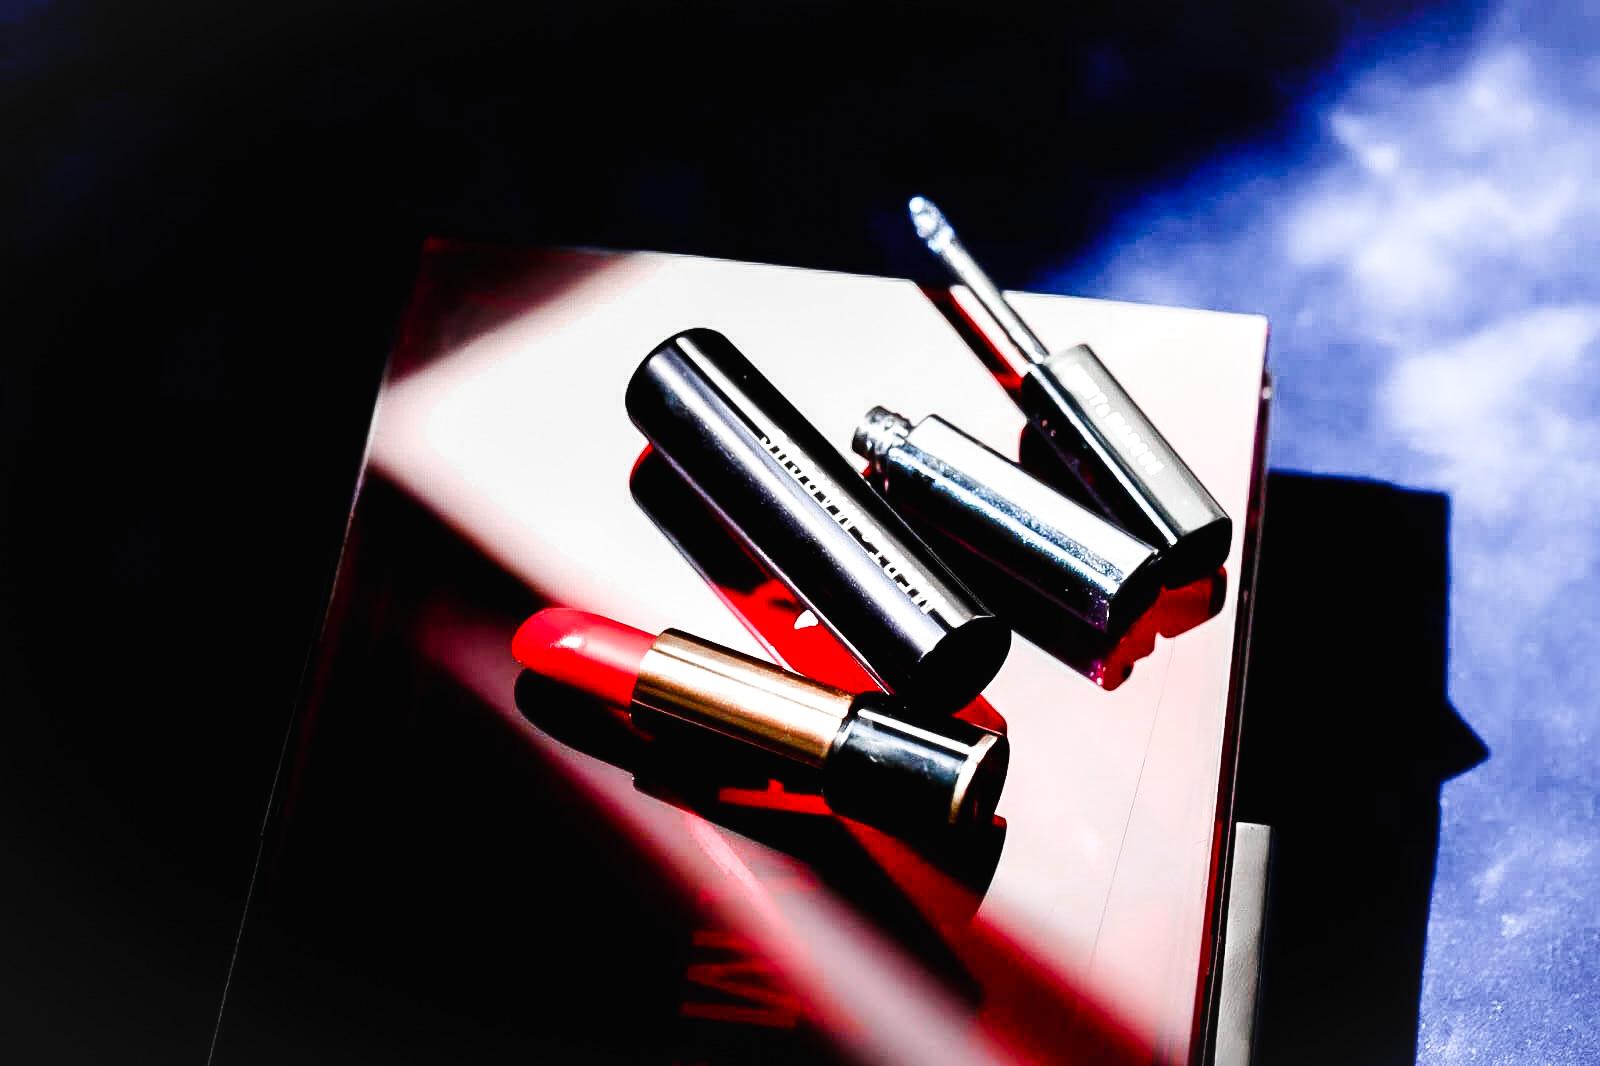 Lancôme Mert Marcus Maquillage swatch